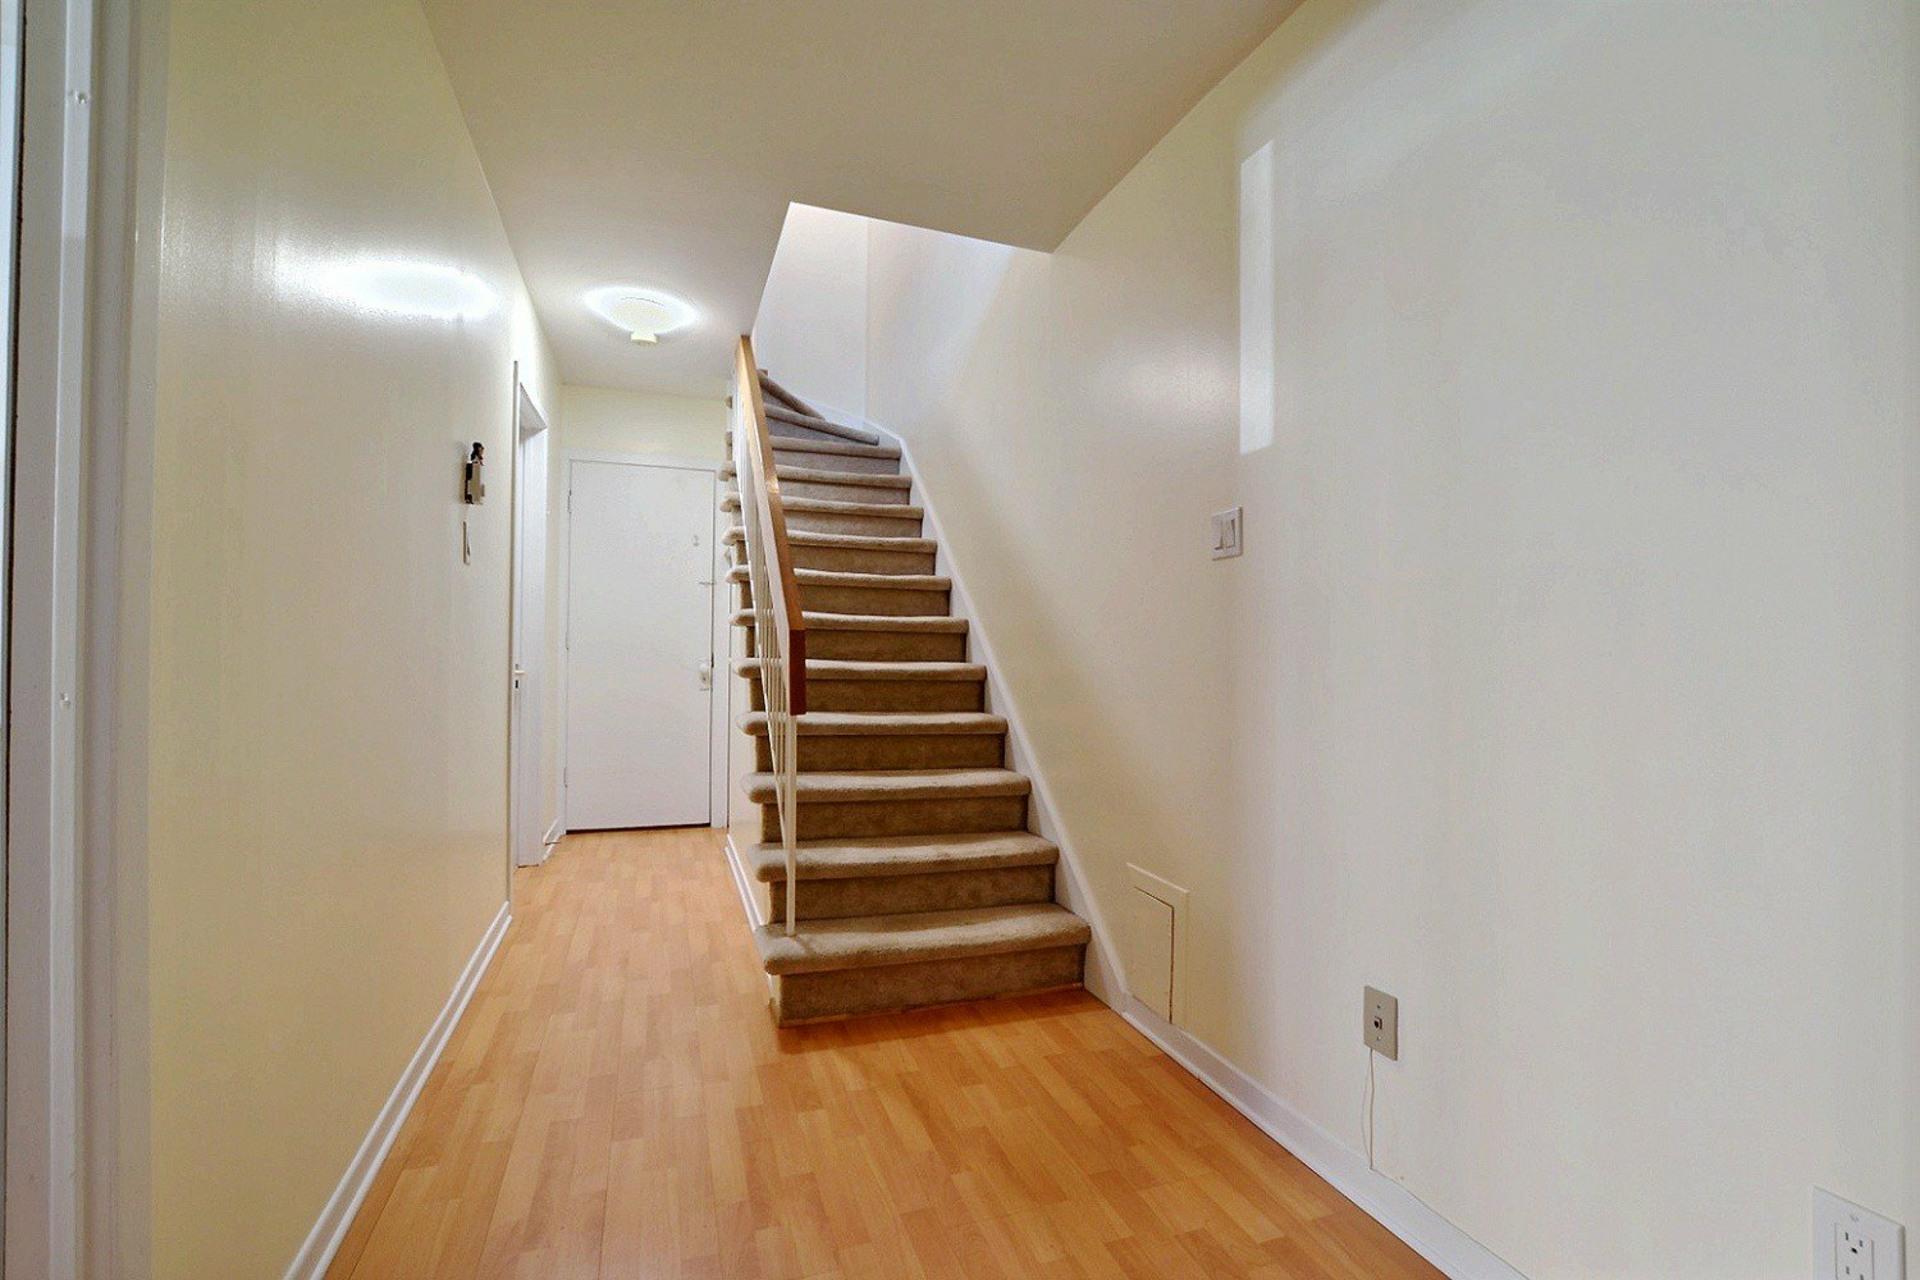 image 14 - Appartement À vendre Montréal Ahuntsic-Cartierville  - 7 pièces